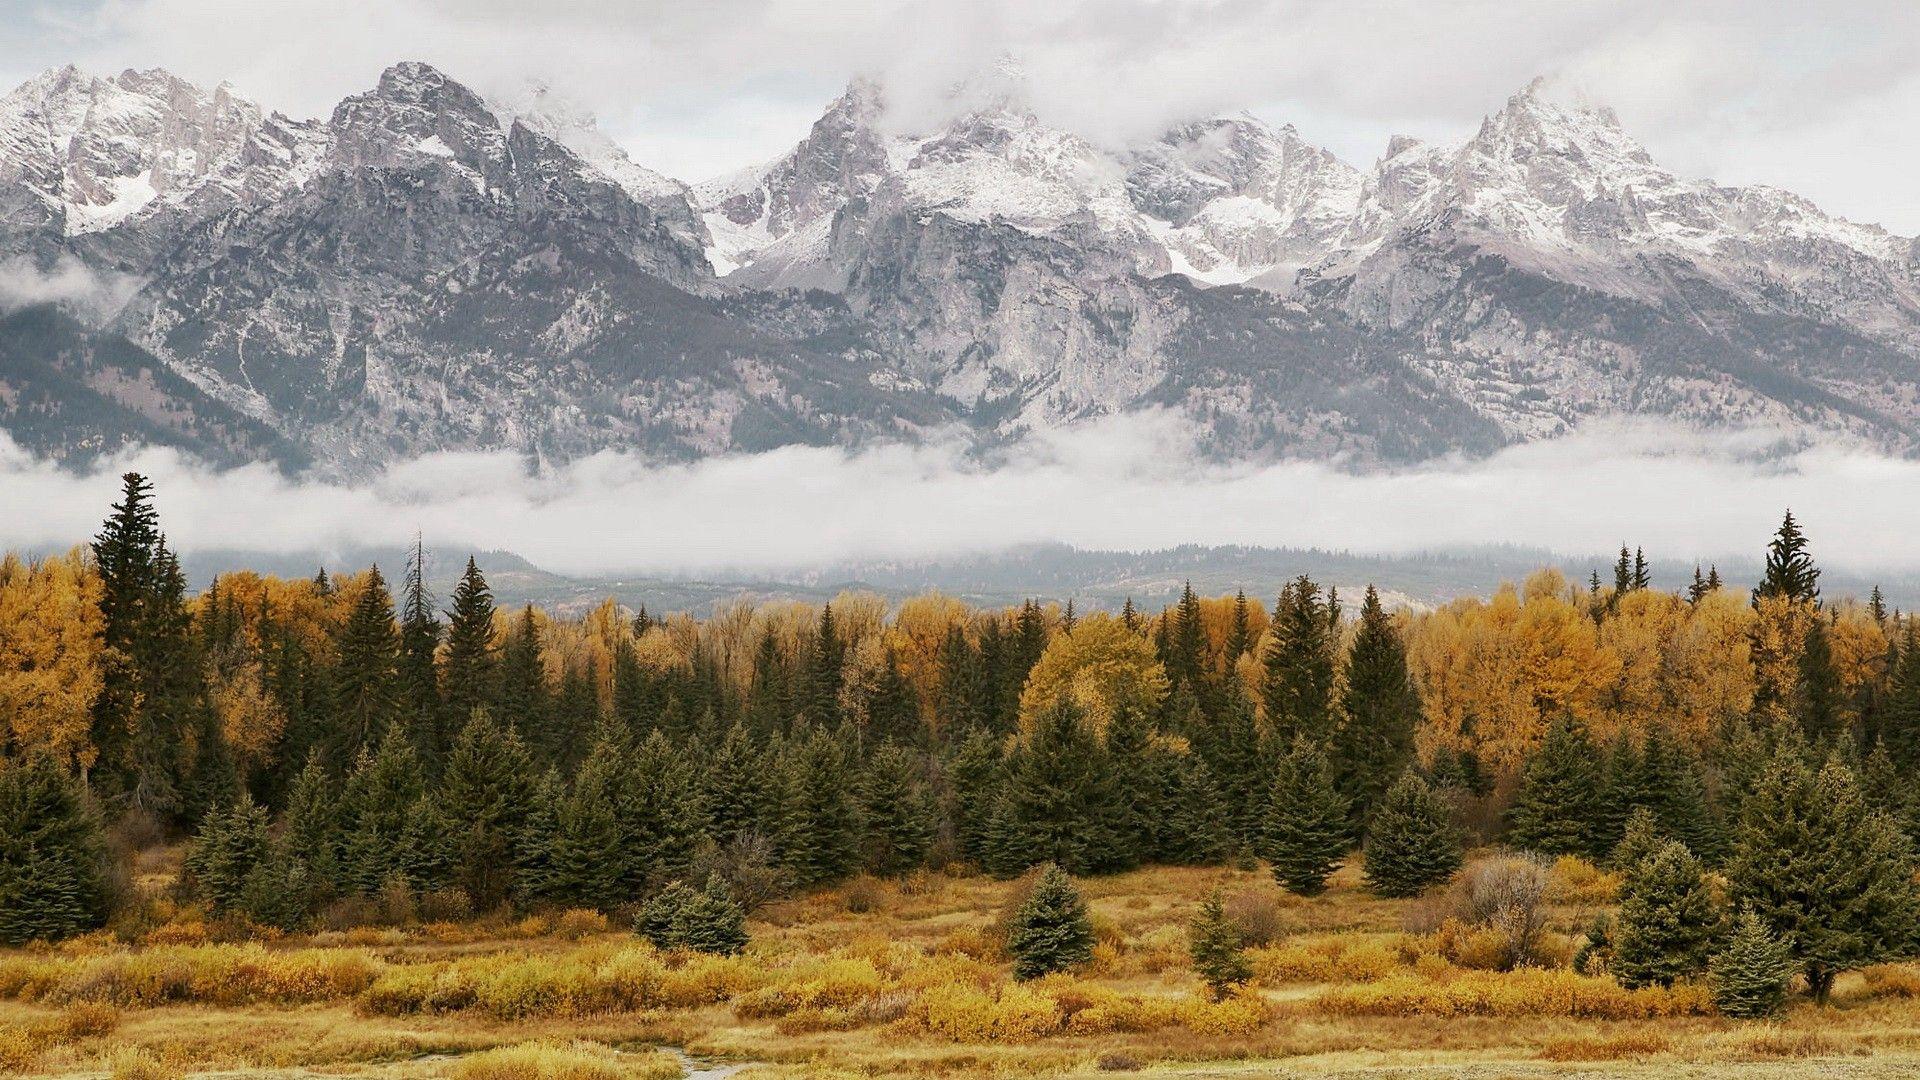 Fond Ecran Foret Montagne Automne Mountain Forest Wallpaper Hd Gratuit Telecharger Free Paysage Foret Foret Fond Ecran Paysage